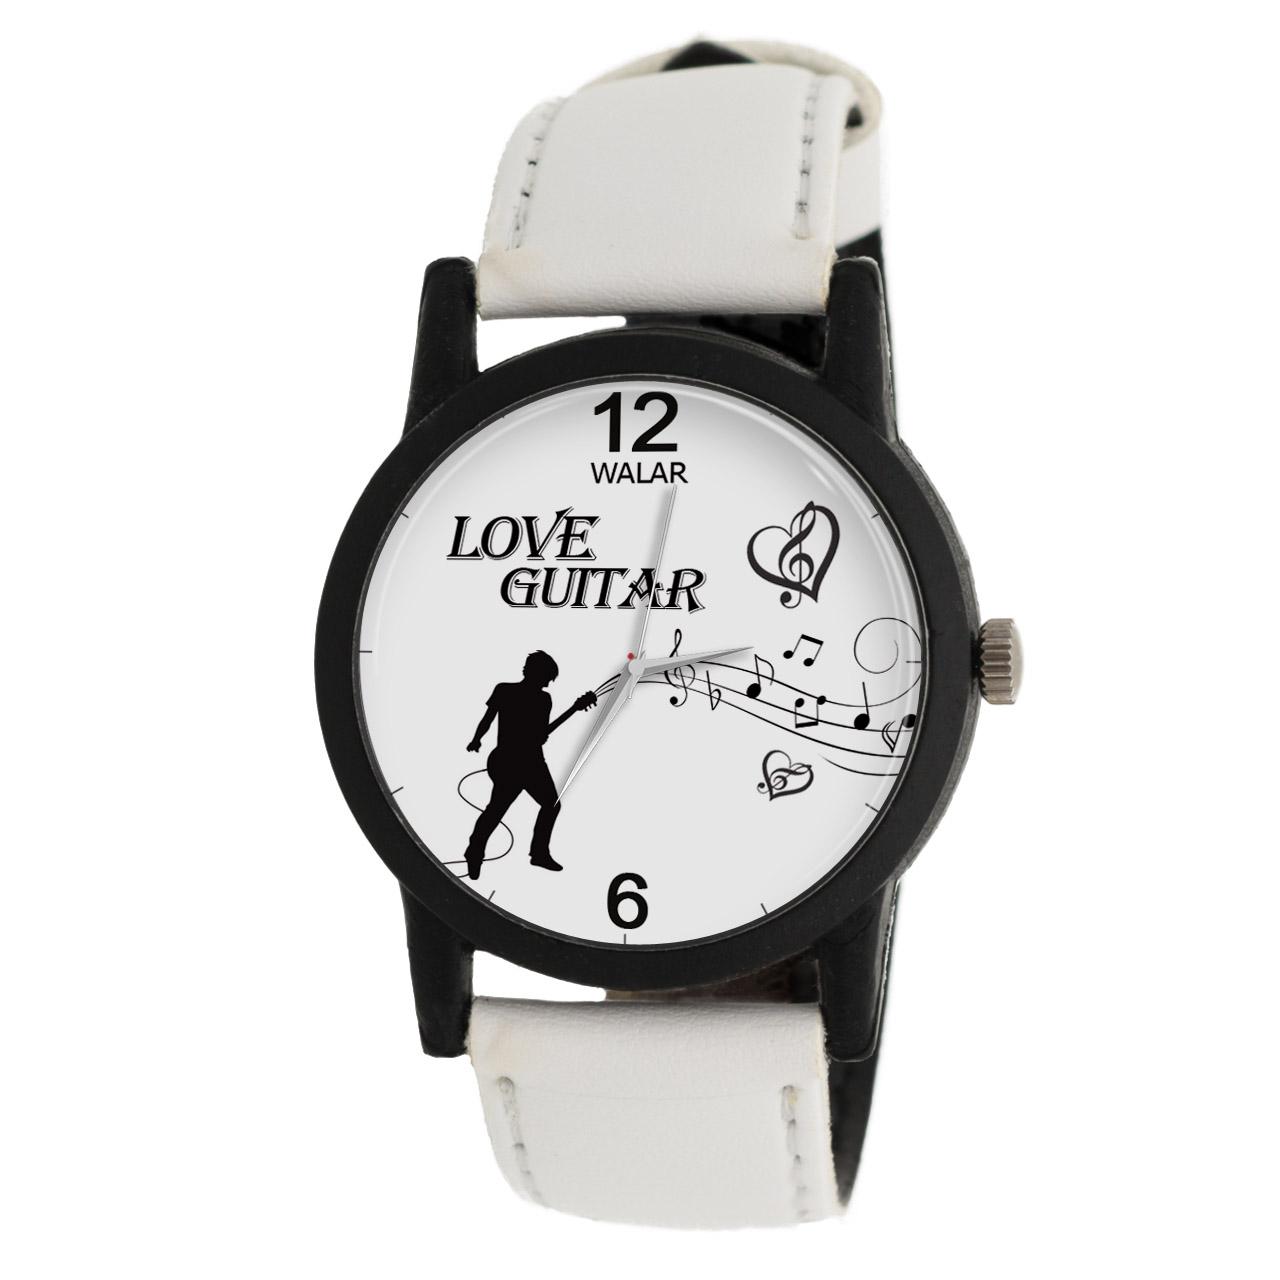 ساعت مچی عقربه ای والار طرح Love Guitar مدل LF1457